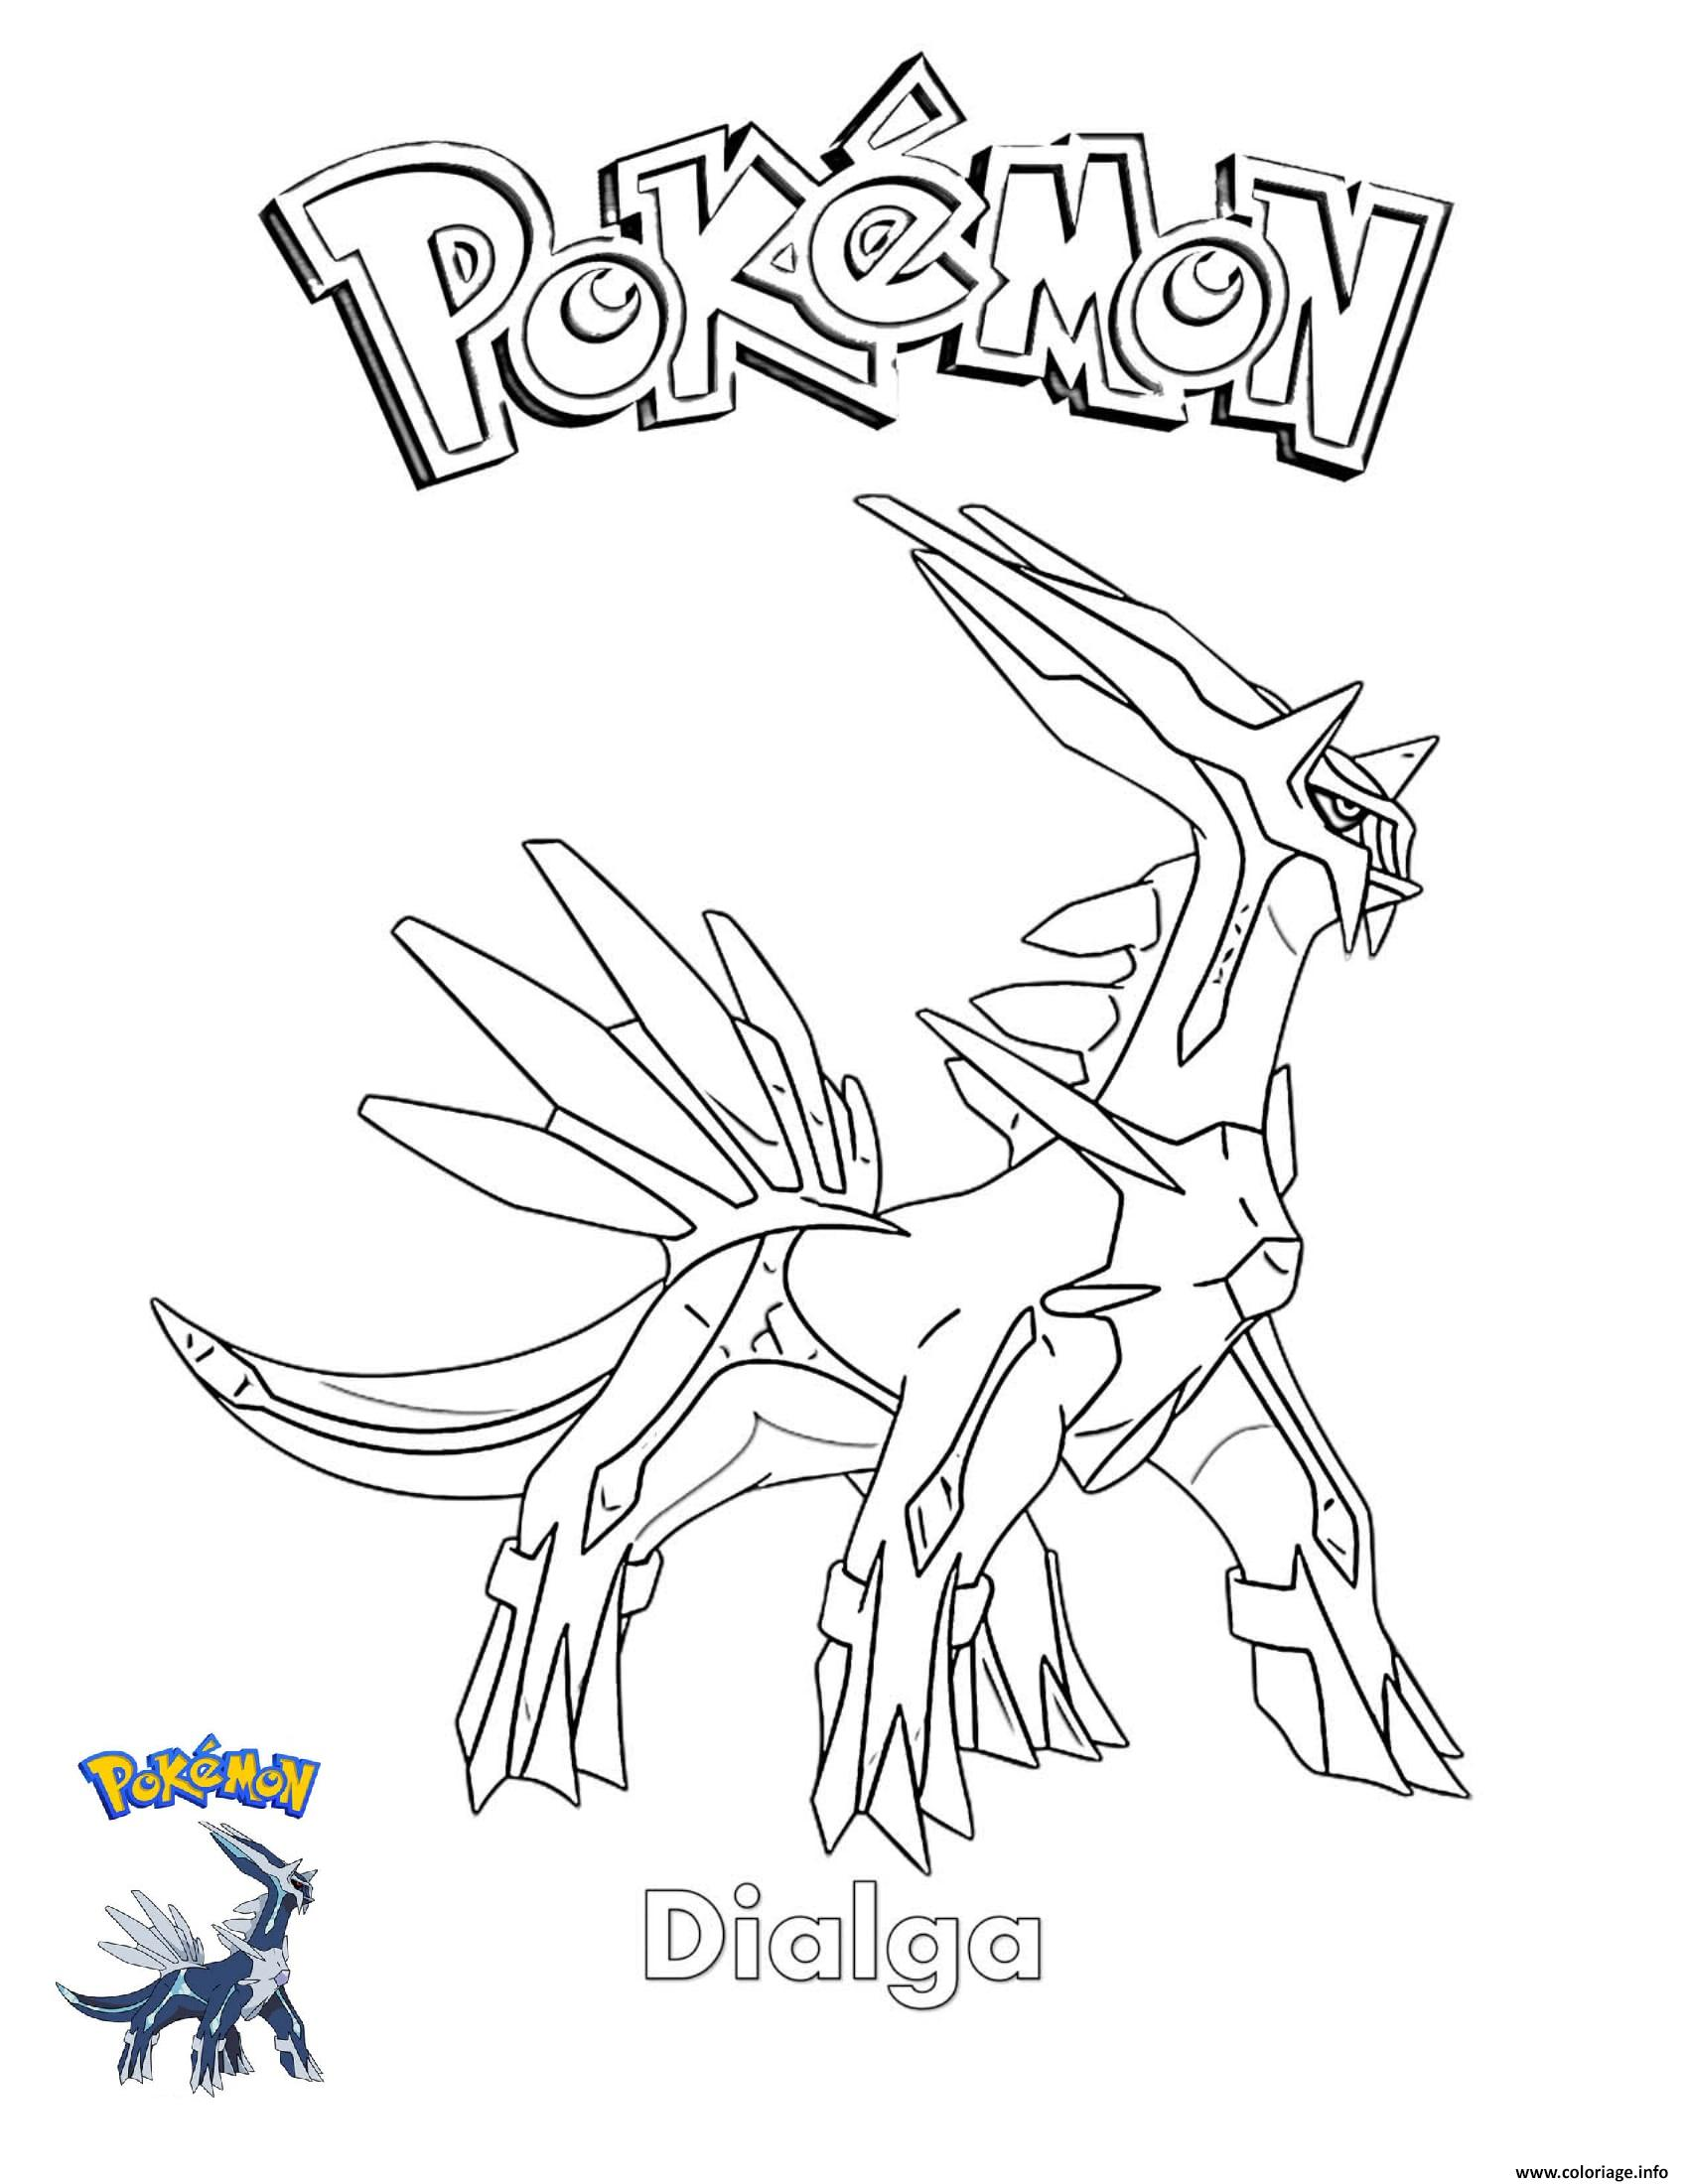 Dessin Dialga Pokemon Coloriage Gratuit à Imprimer